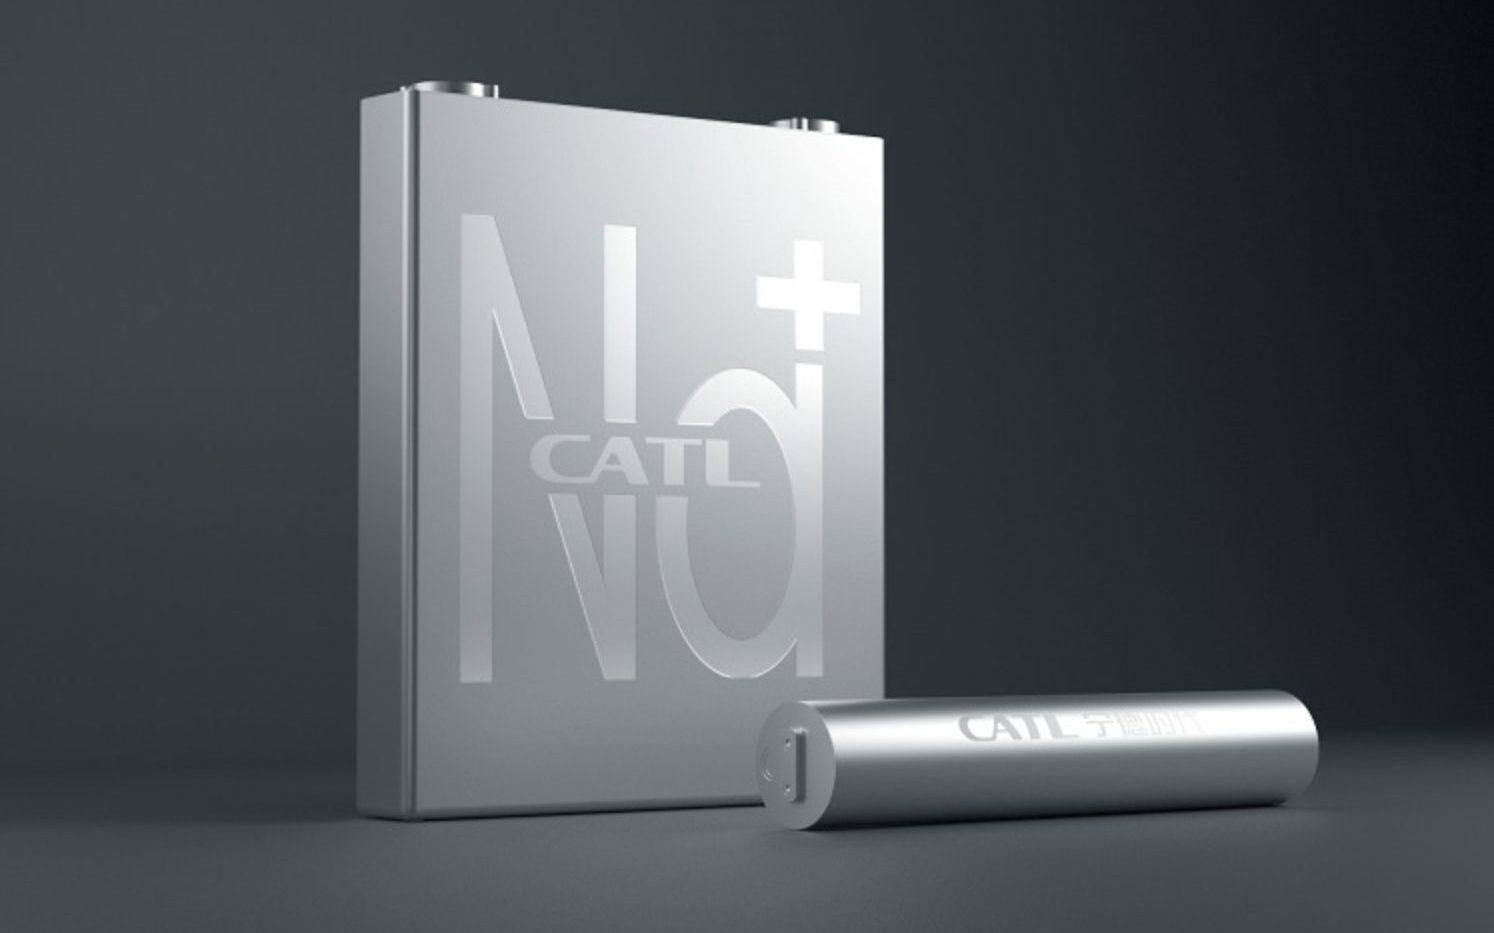 batterie al sale